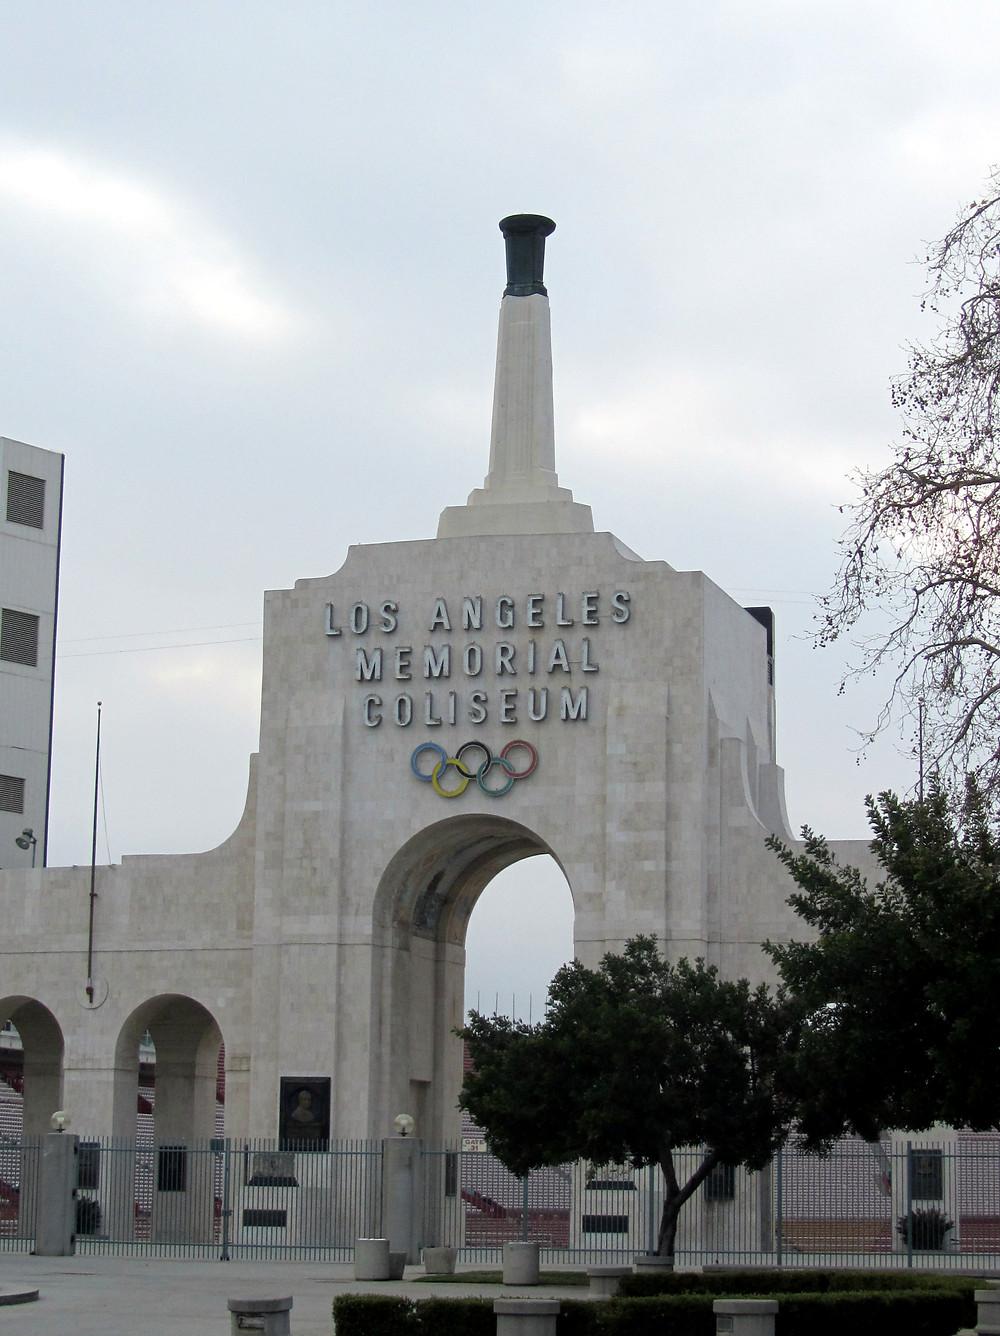 ロサンゼルス五輪のメモリアルコロセウム。1923年に完成したこの野外スタジアムは32年、84年の大会に続き、2028年大会でも使用される予定だ(C)David Iones